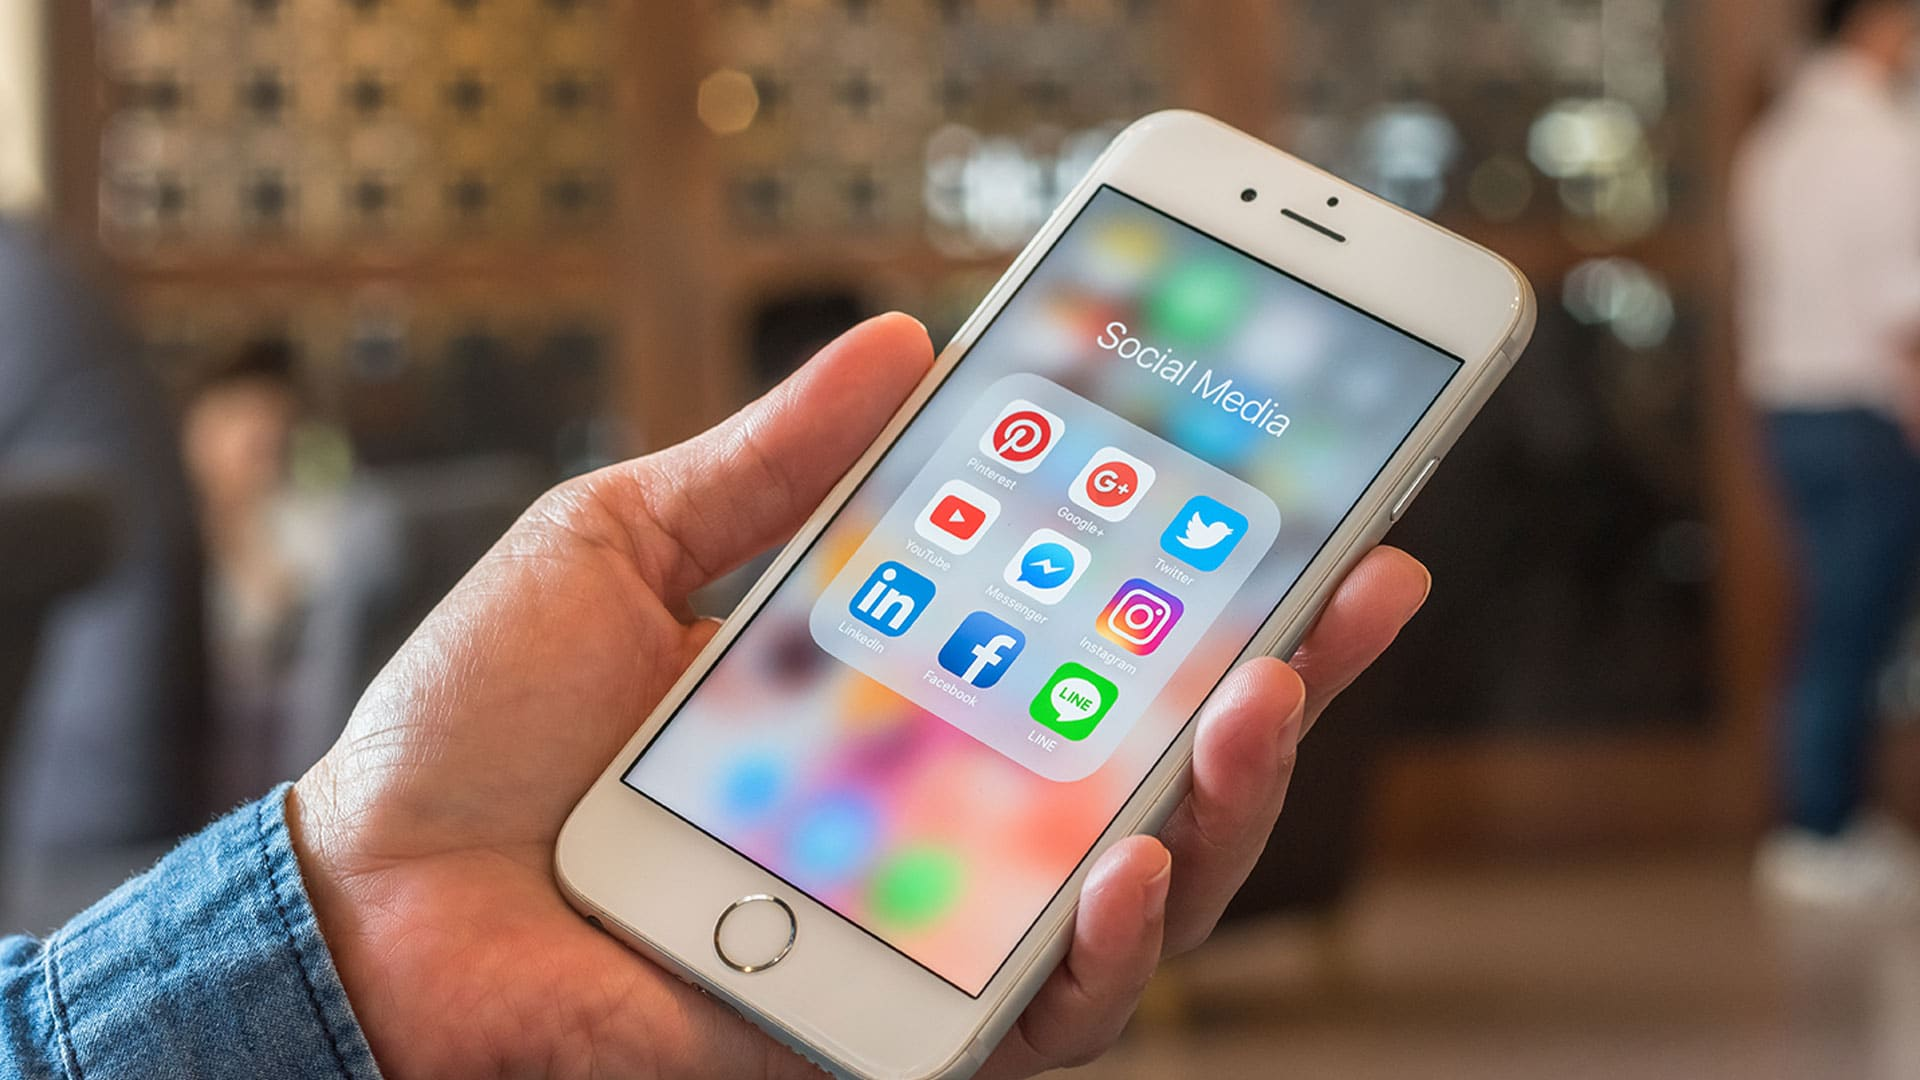 وسائل التواصل الاجتماعي لـ زيادة حركة مرور الويب